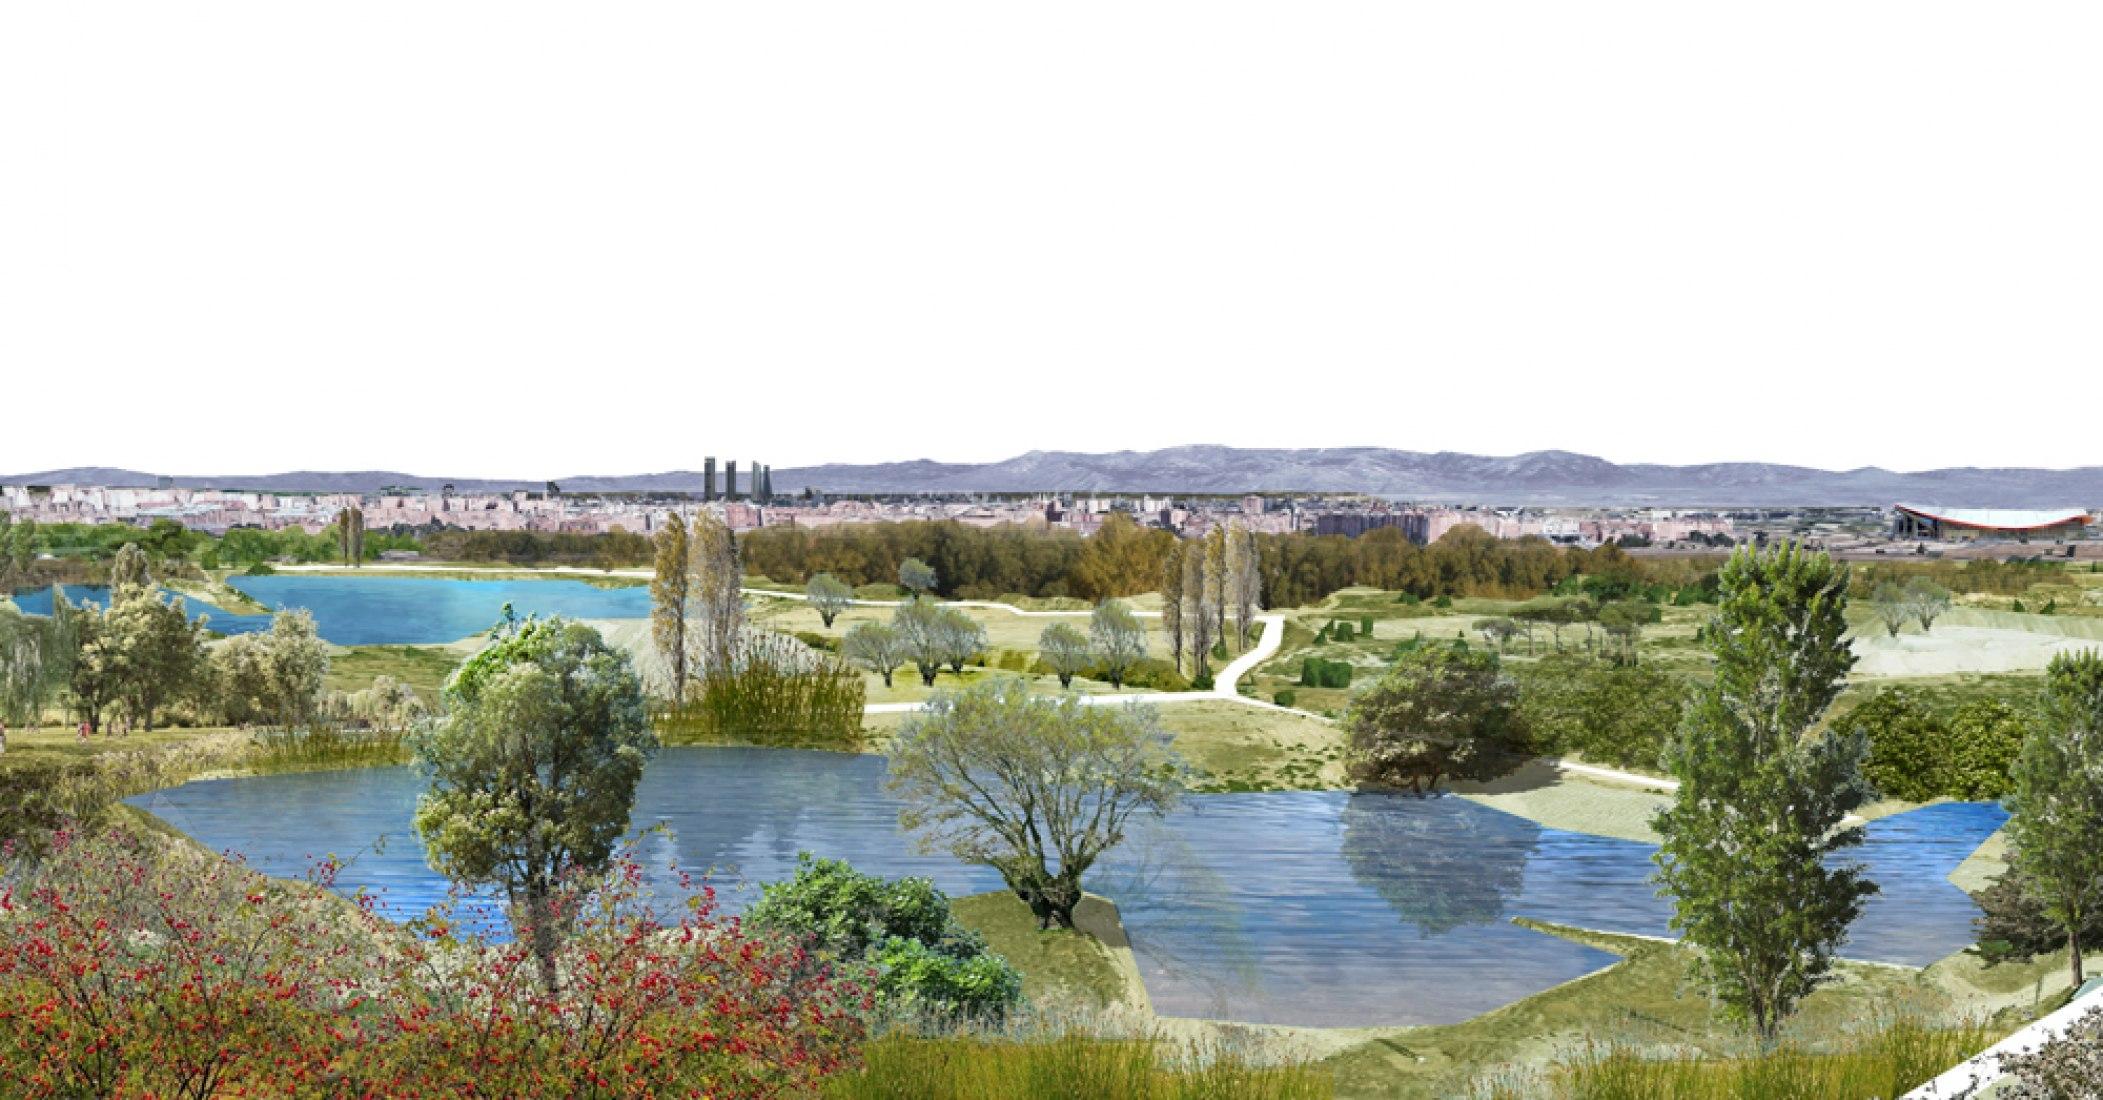 Lote 2 - Efecto mariposa. Ganadores del concurso de ideas para el Bosque Metropolitano de Madrid. Imagen cortesía de Ayuntamiento de Madrid